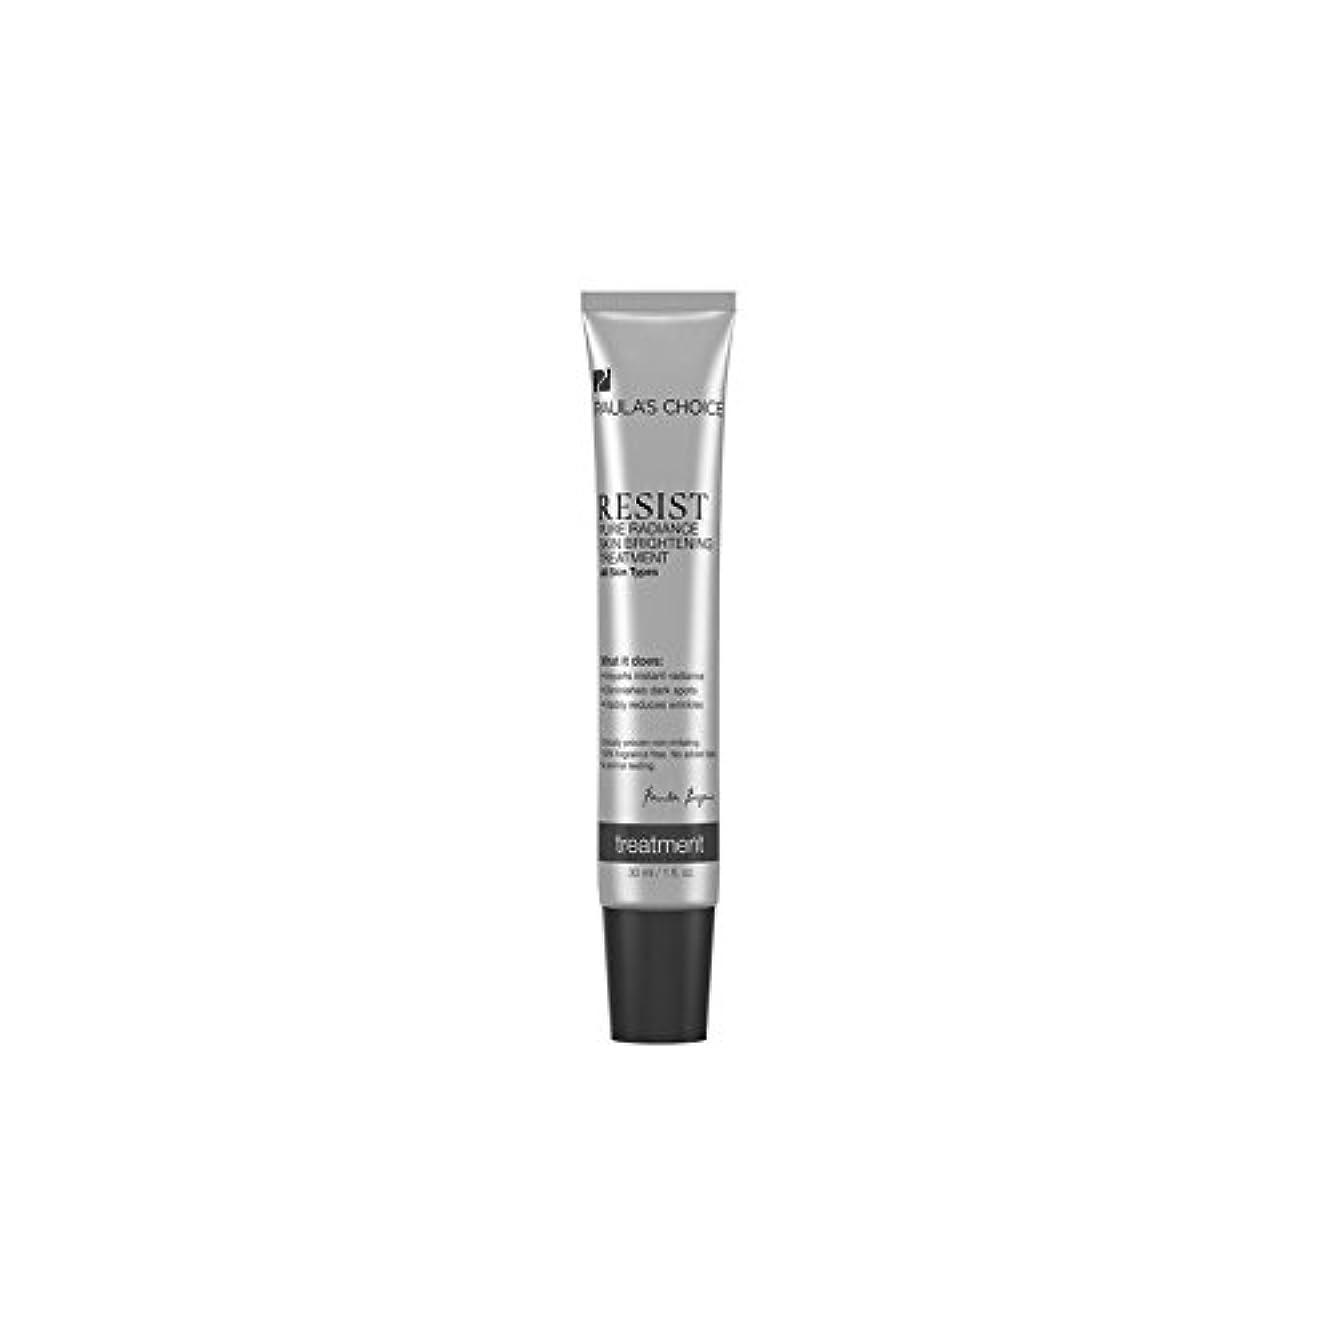 商品独立宇宙飛行士ポーラチョイスは純粋な輝き肌ブライトニングトリートメント(30ミリリットル)を抵抗します x4 - Paula's Choice Resist Pure Radiance Skin Brightening Treatment...